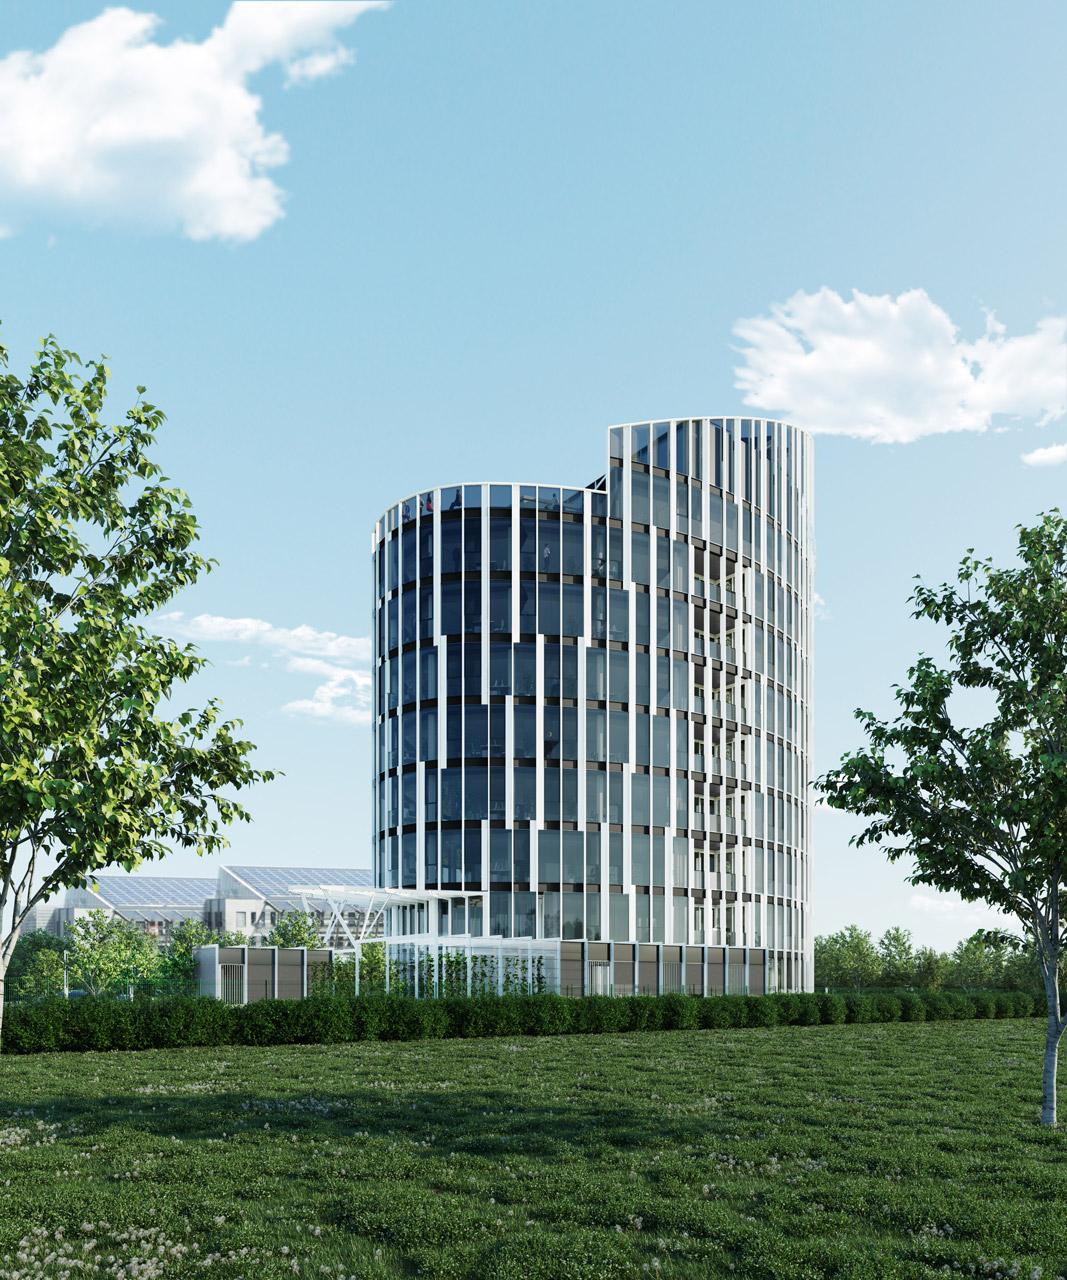 Immeuble de bureaux à Jonage, réalisé par le pôle Tertiaire de l'agence d'architecture SOHO ATLAS IN FINE LYON. Perspective, vue sud depuis la rue.